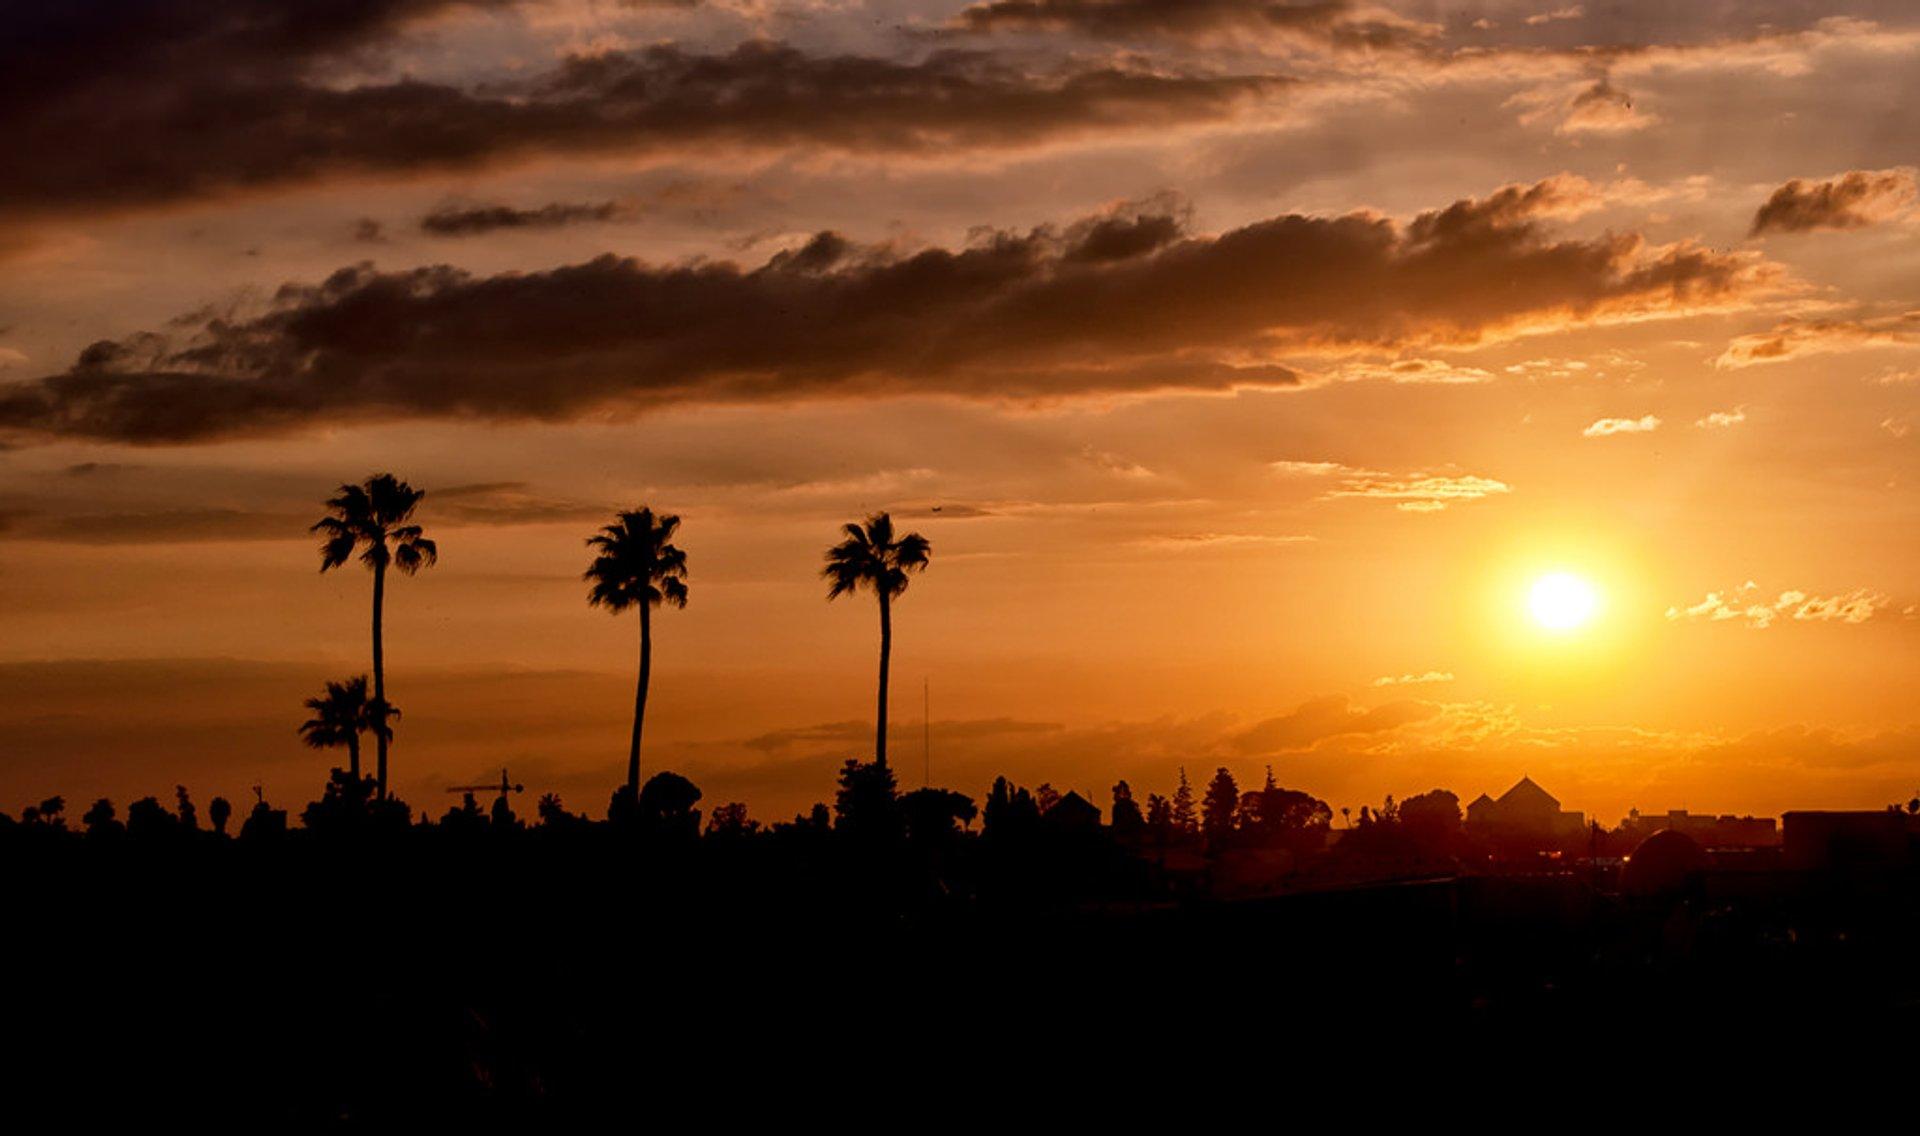 Marrakech sunset 2019